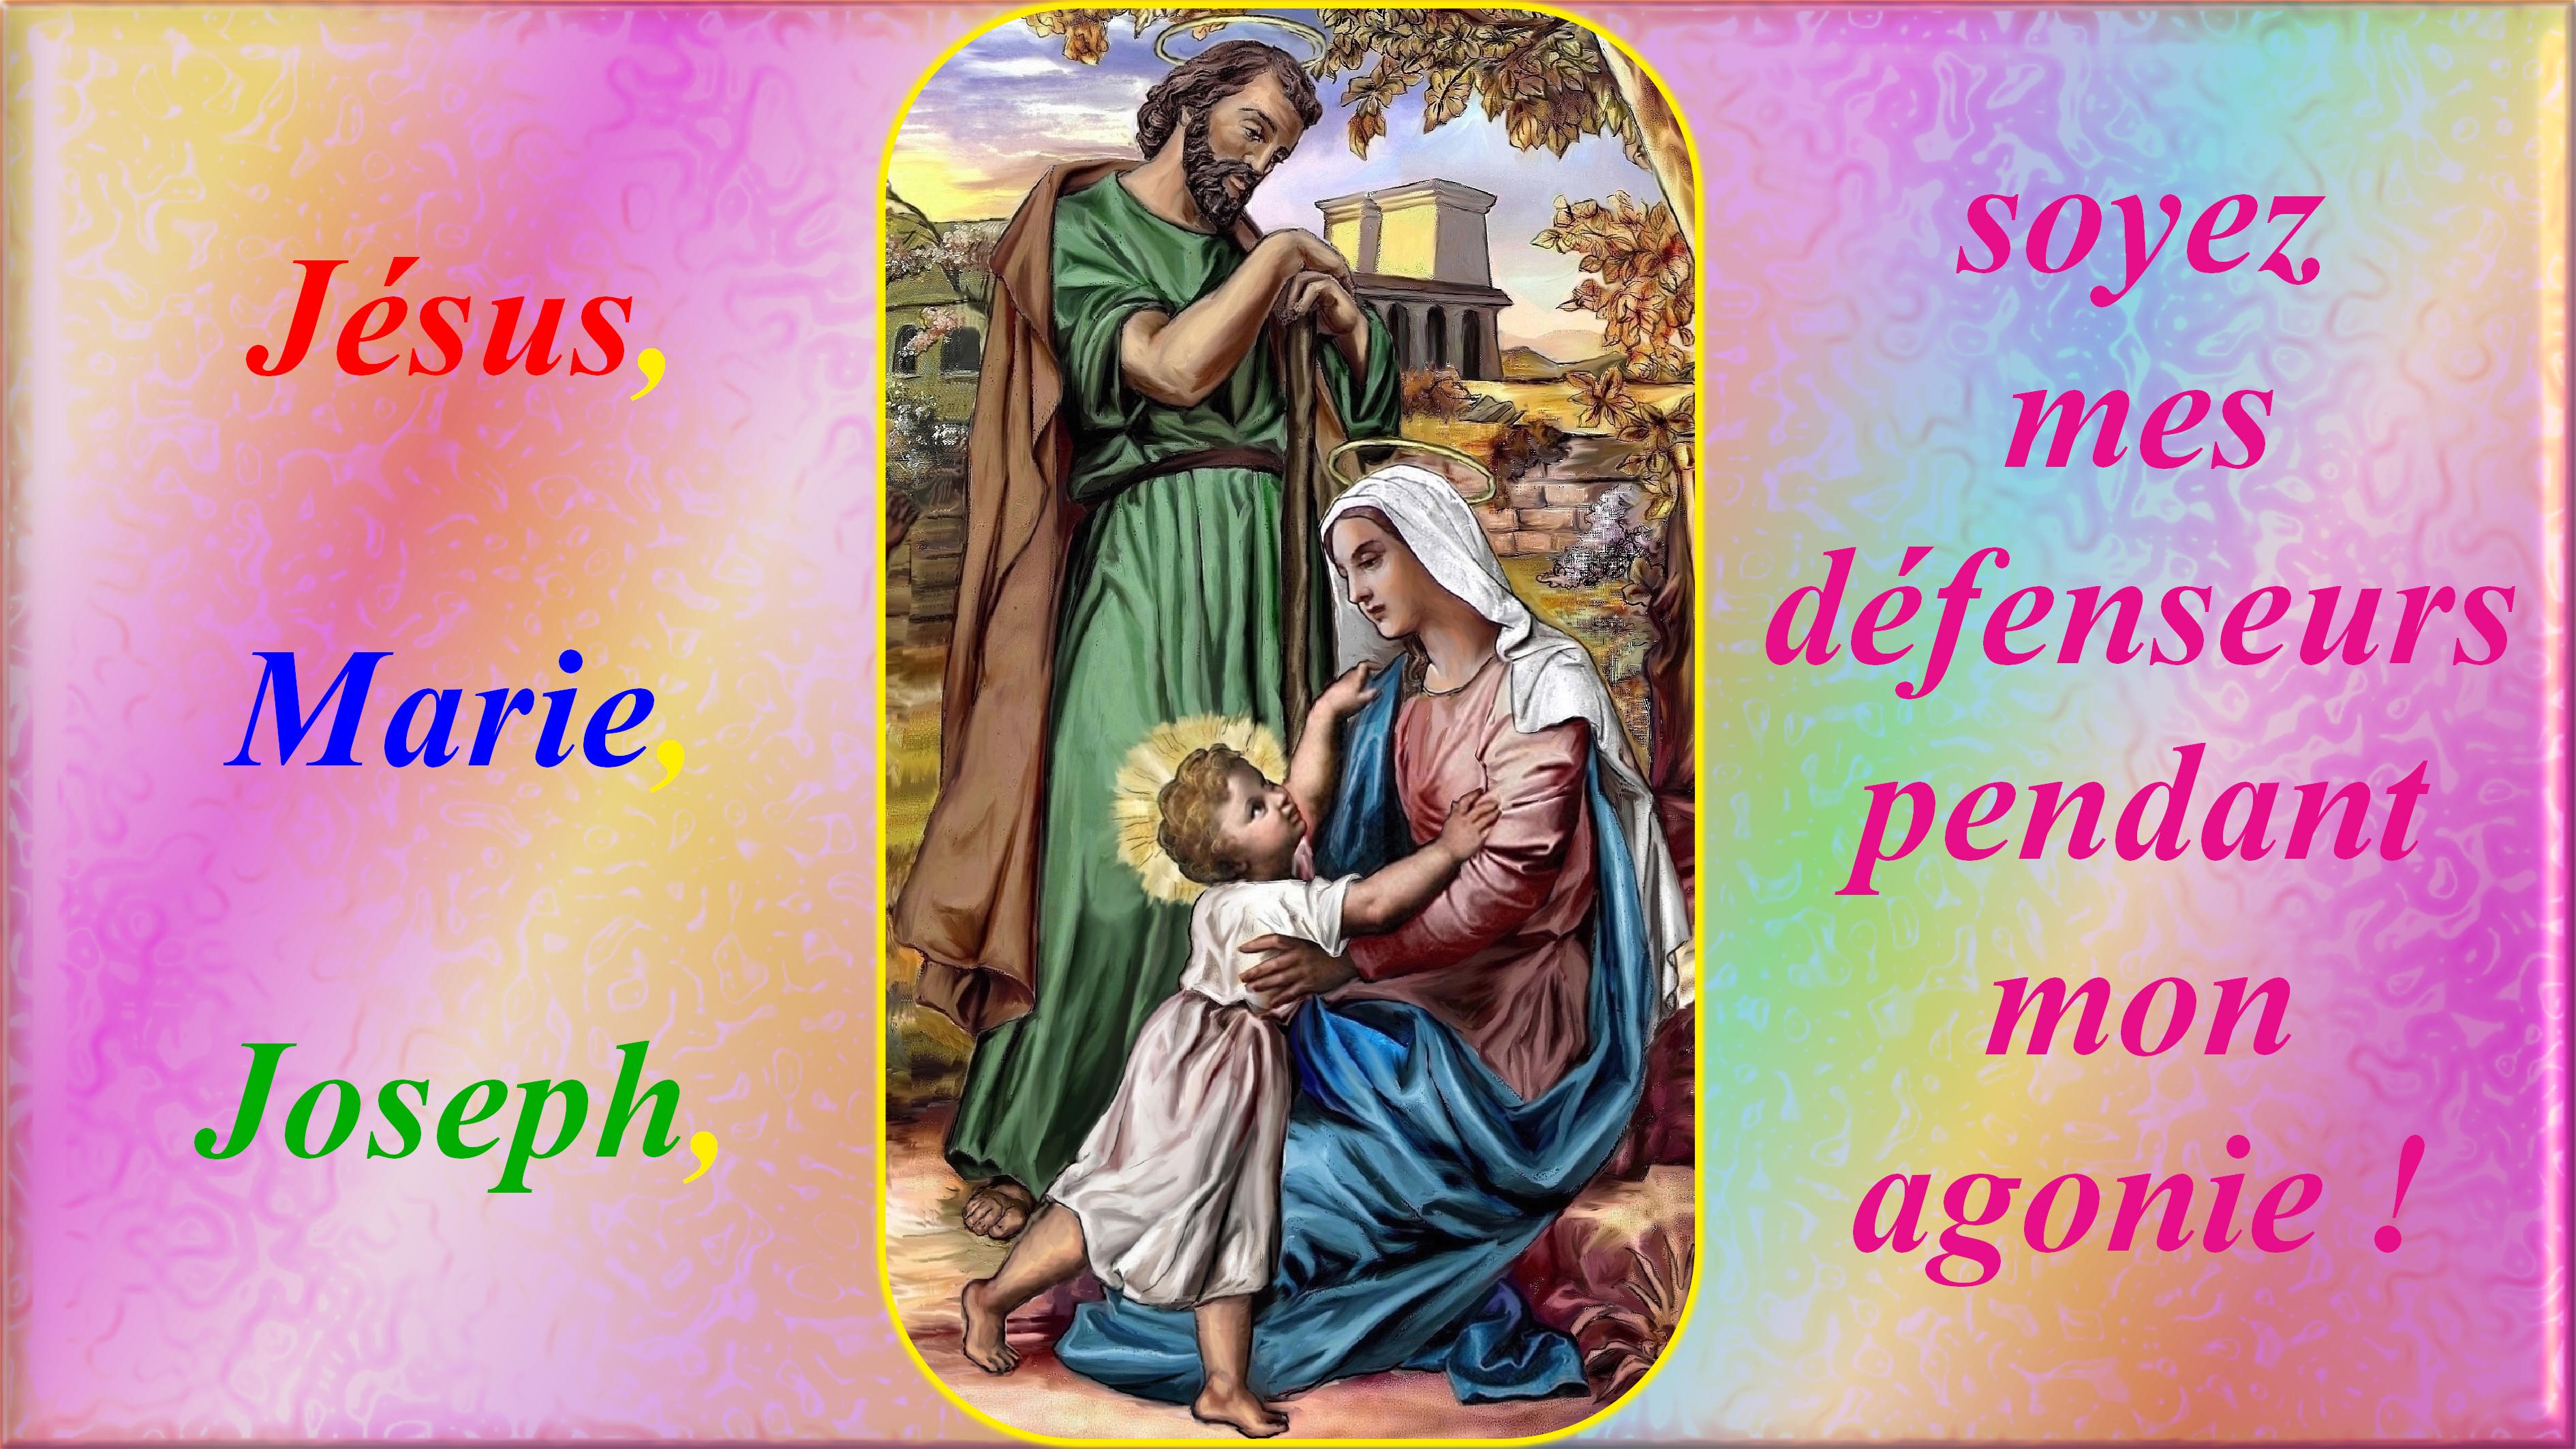 POURQUOI je t'AIME, ô MARIE ! - Page 2 J-sus-marie-josep...-agonie--559362f